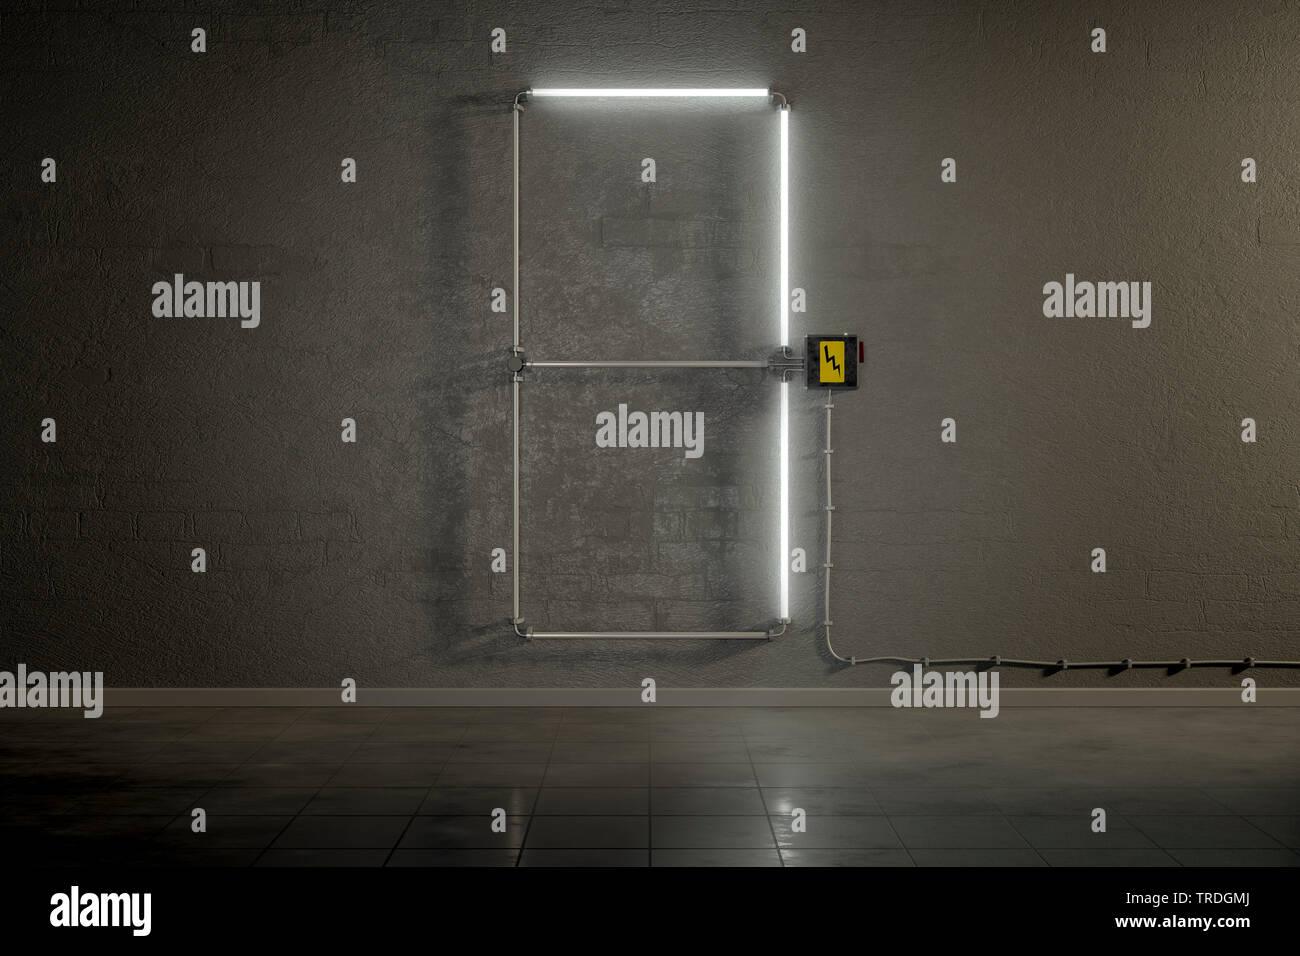 3D-Computergrafik, Einstellige Zaehler-Anzeige aus Neonlampen die Zahl 7 darstellend    3D computer graphic, one-digit counter built out of neon tubes - Stock Image